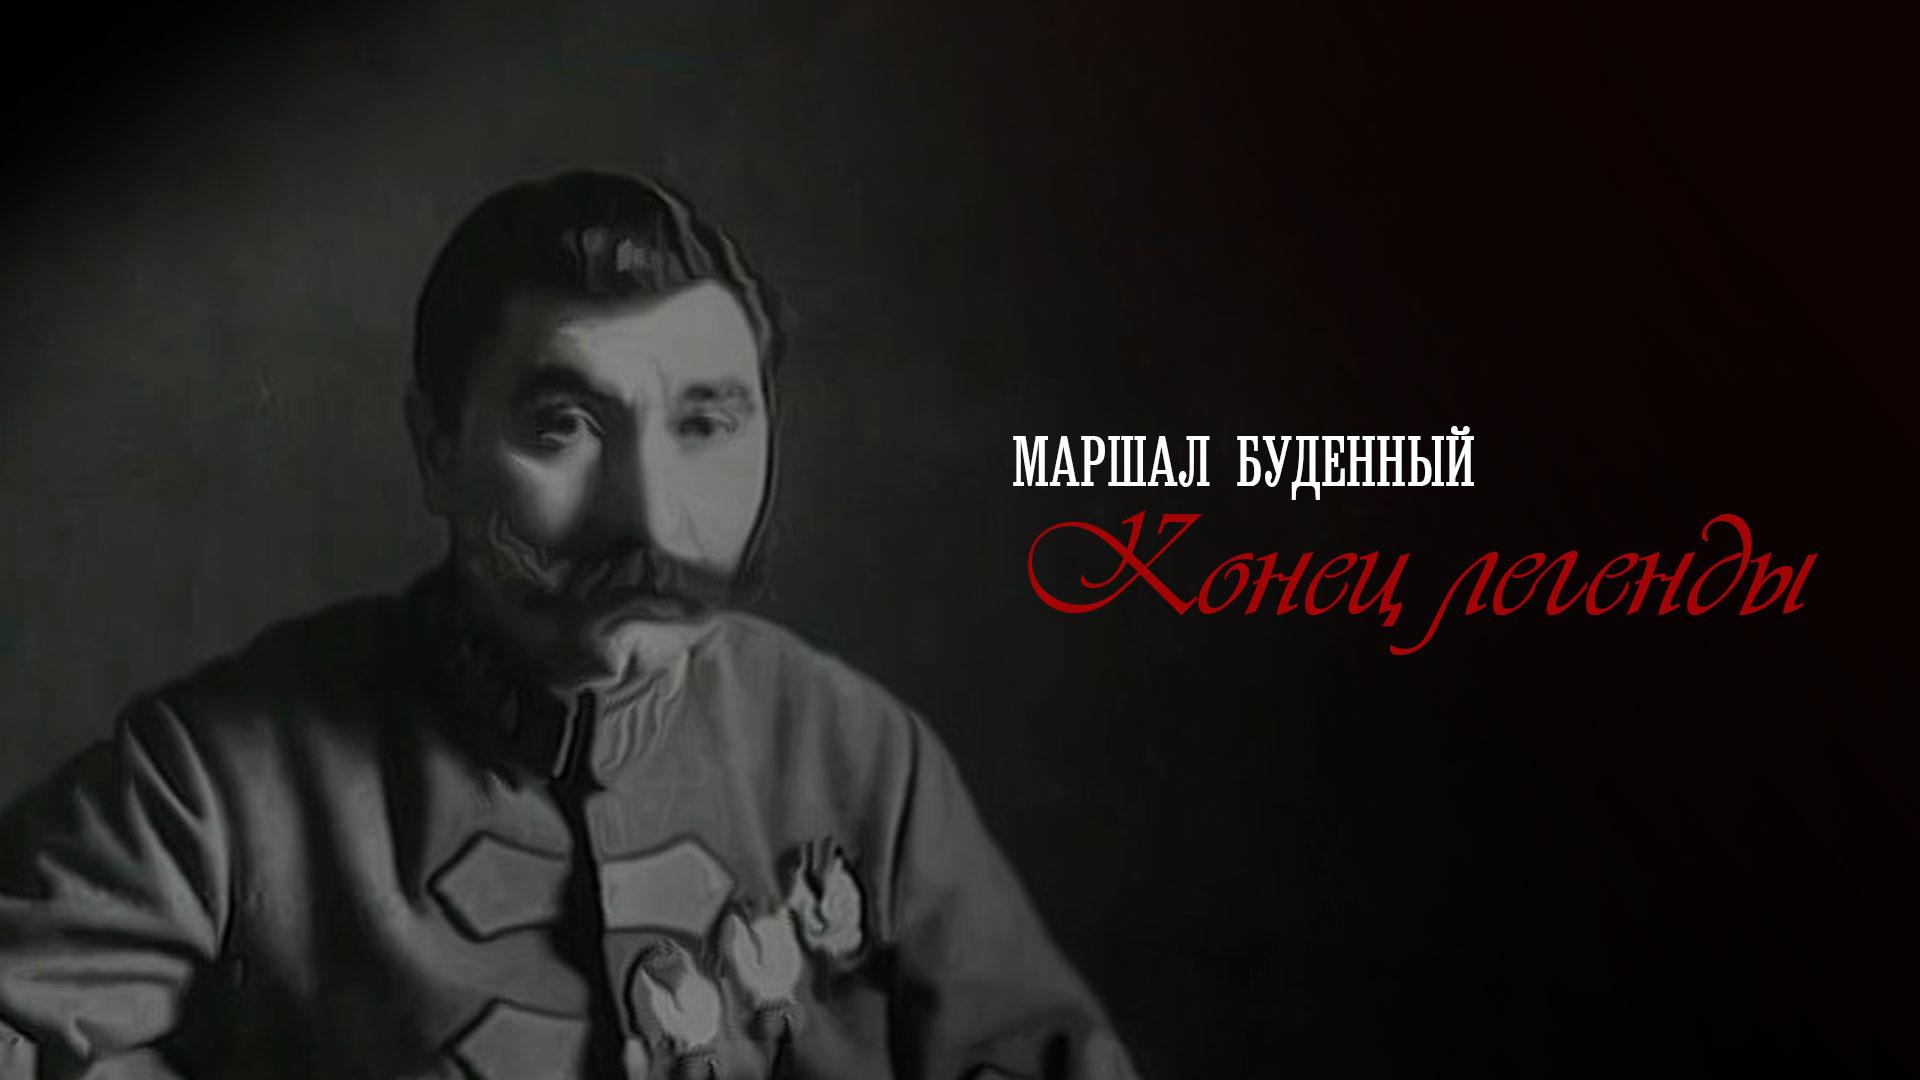 Маршал Буденный. Конец легенды